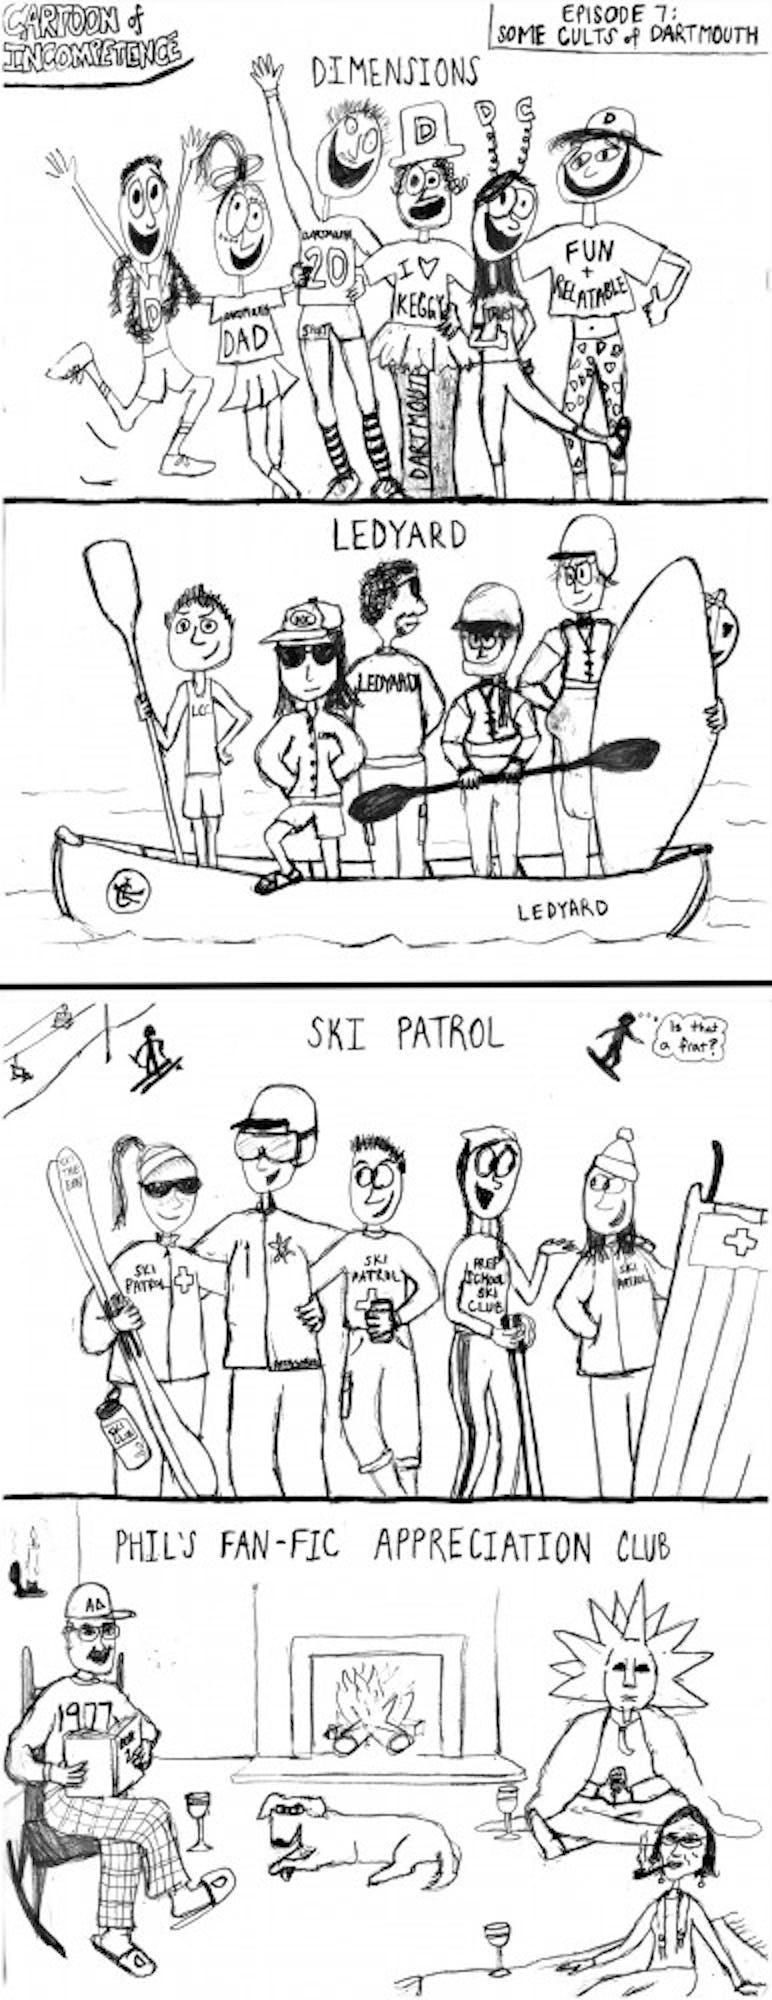 coi_cartoon_7